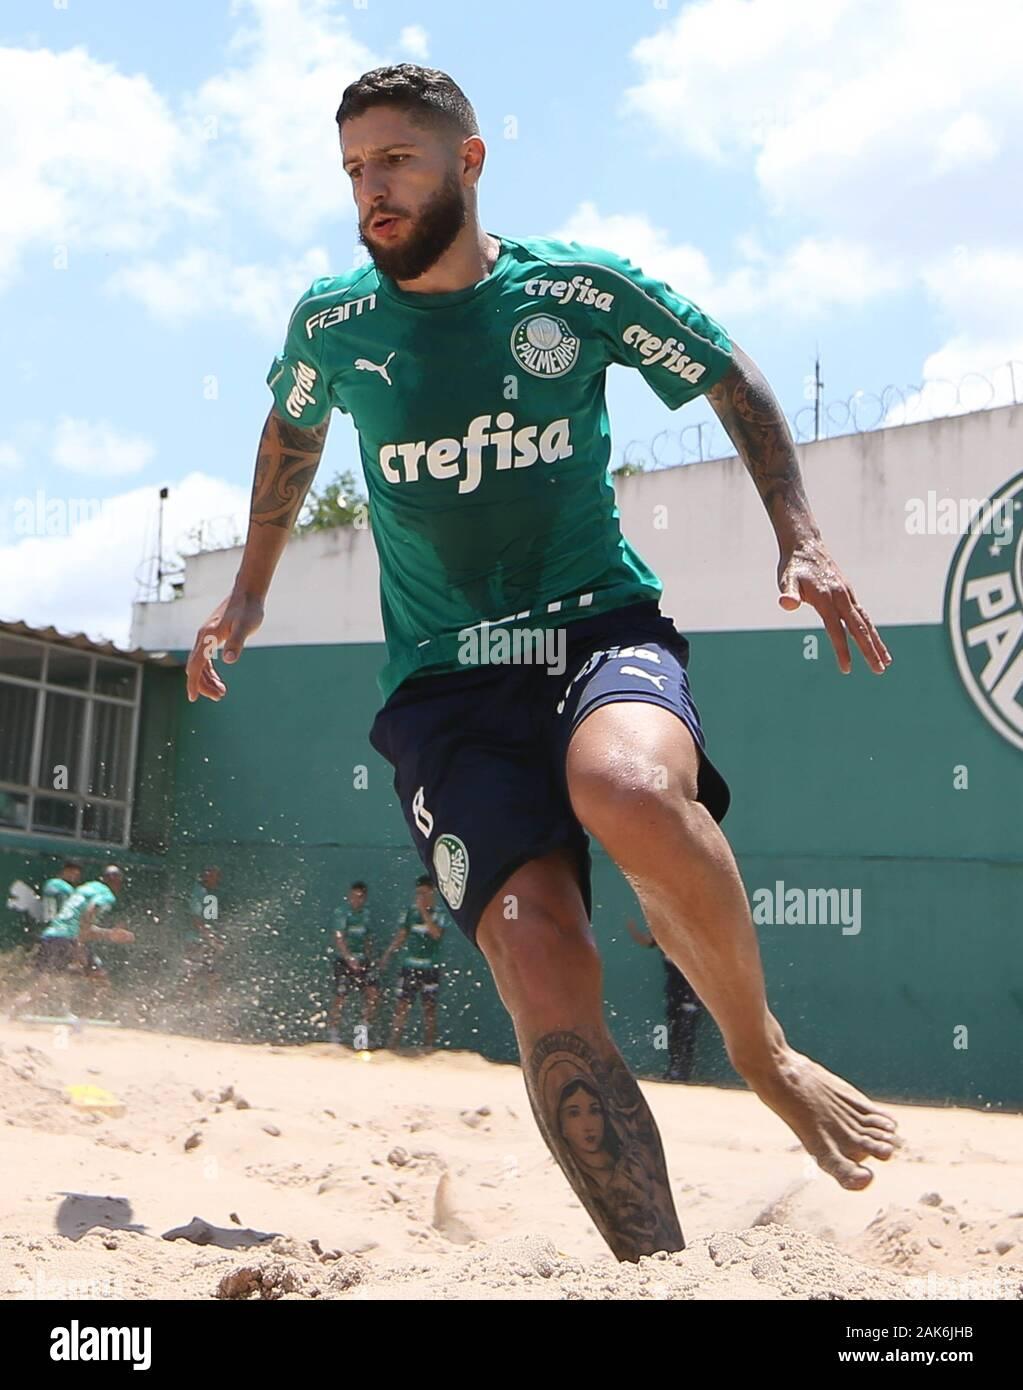 SÃO PAULO, SP - 07.01.2020: TREINO DO PALMEIRAS - Zé Rafael player, from SE Palmeiras, during training at the Football Academy. (Photo: Cesar Greco/Fotoarena) Stock Photo